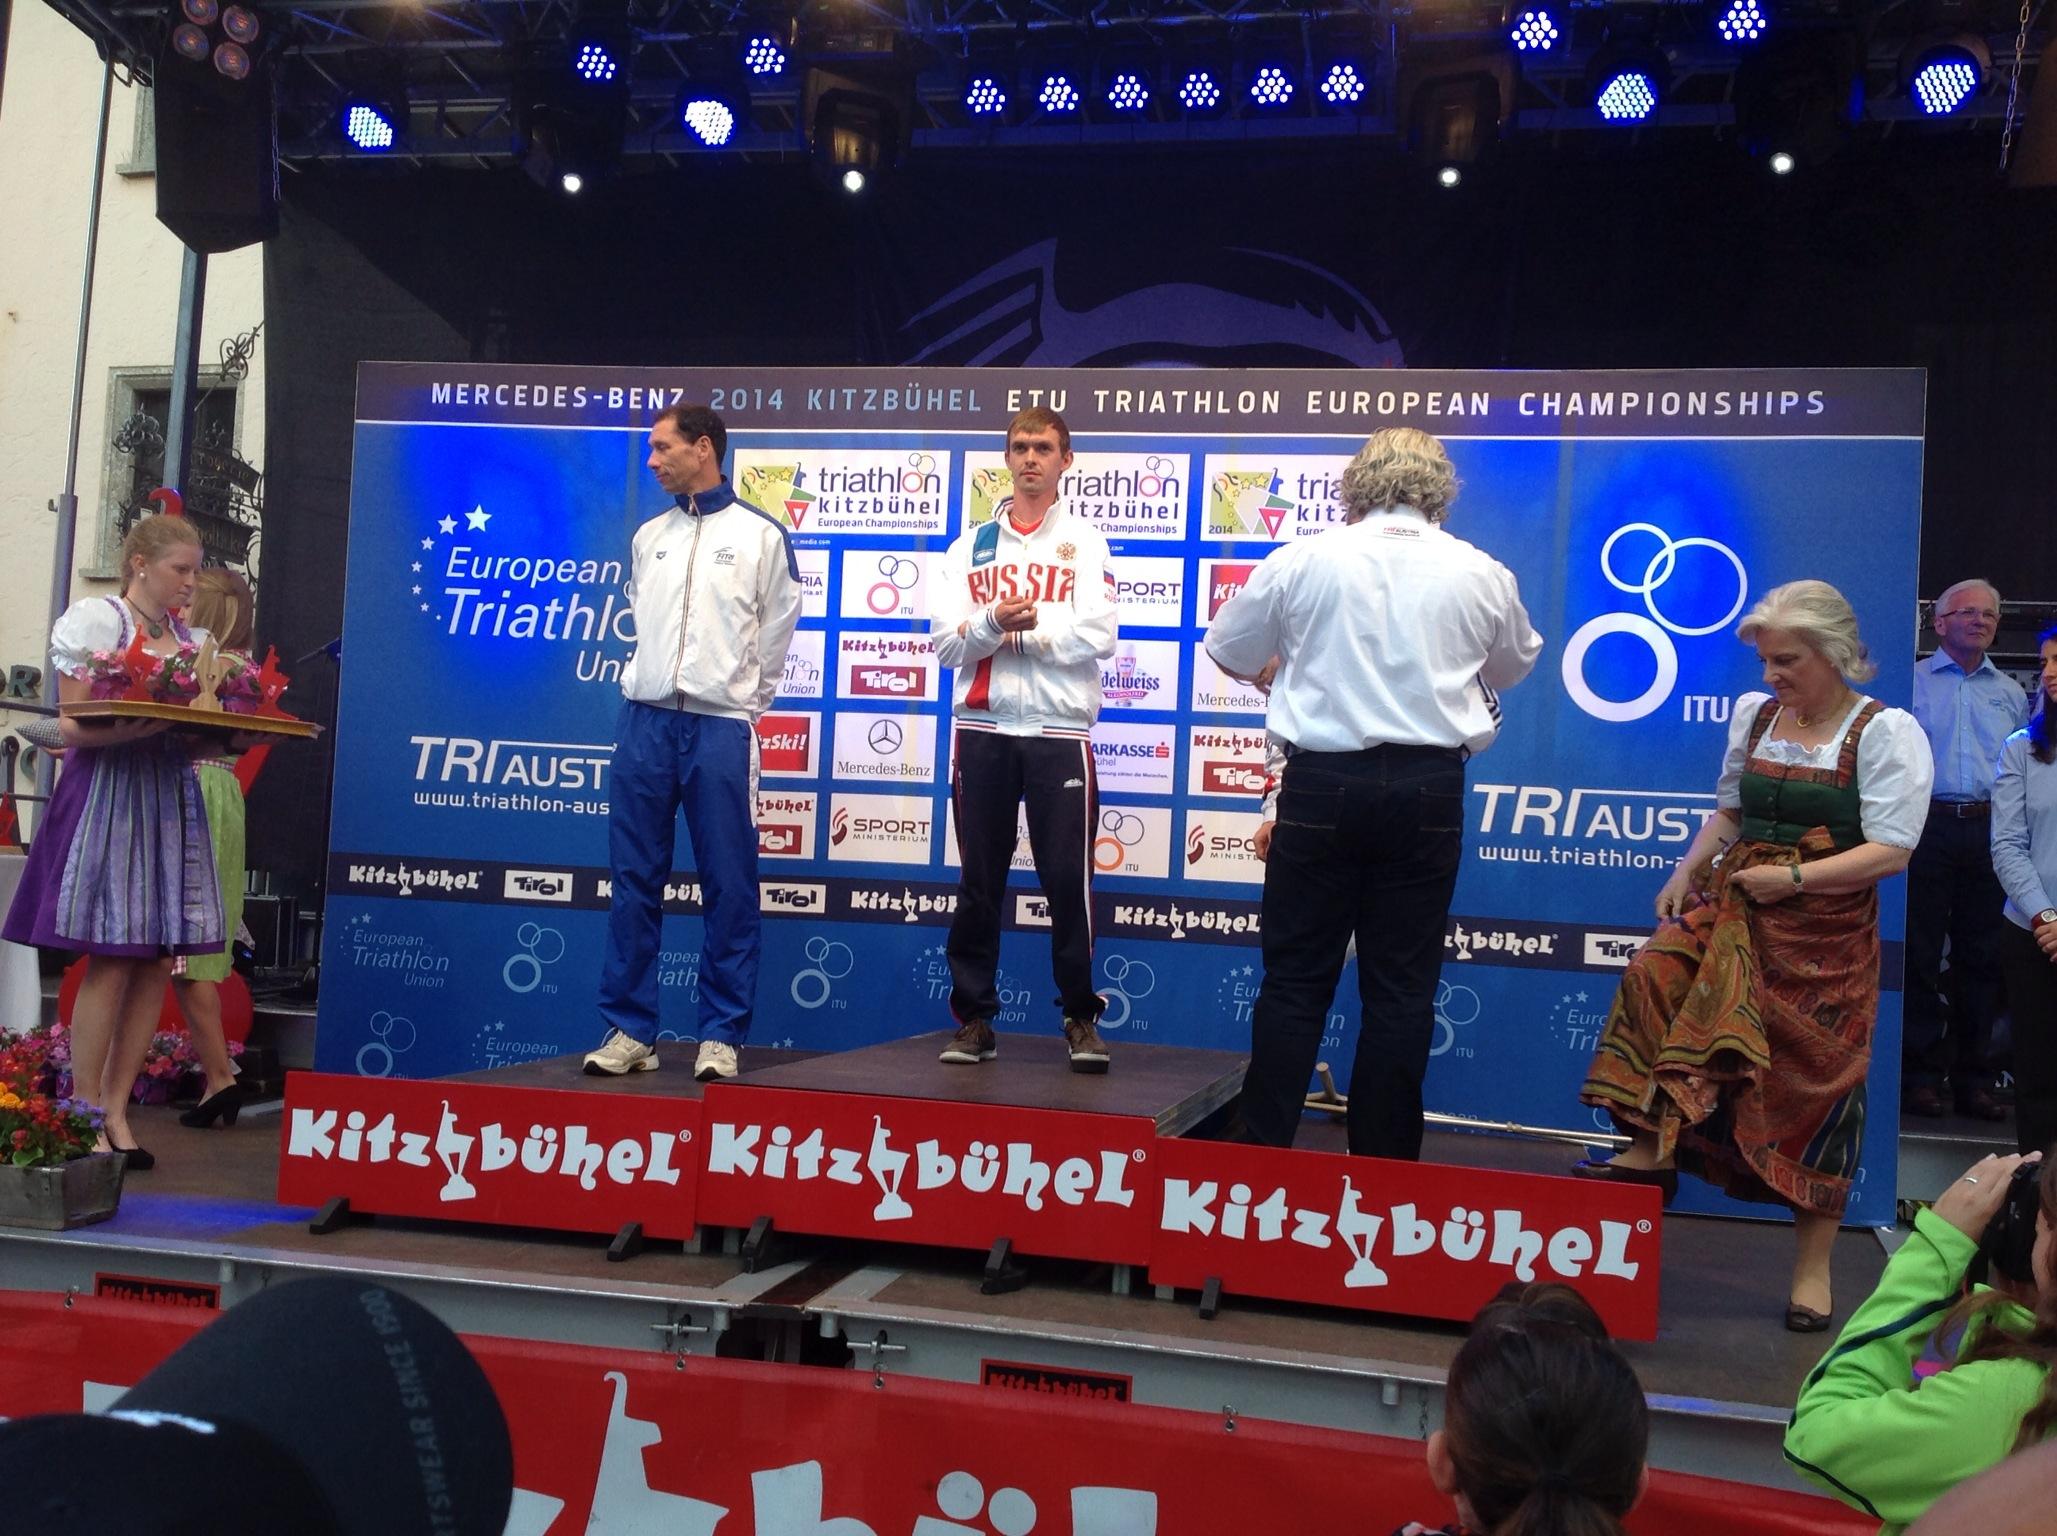 Российские спортсмены завоевали золотую и серебряную медали на чемпионате Европы по триатлону спорта лиц с поражением опорно-двигательного аппарата в Австрии